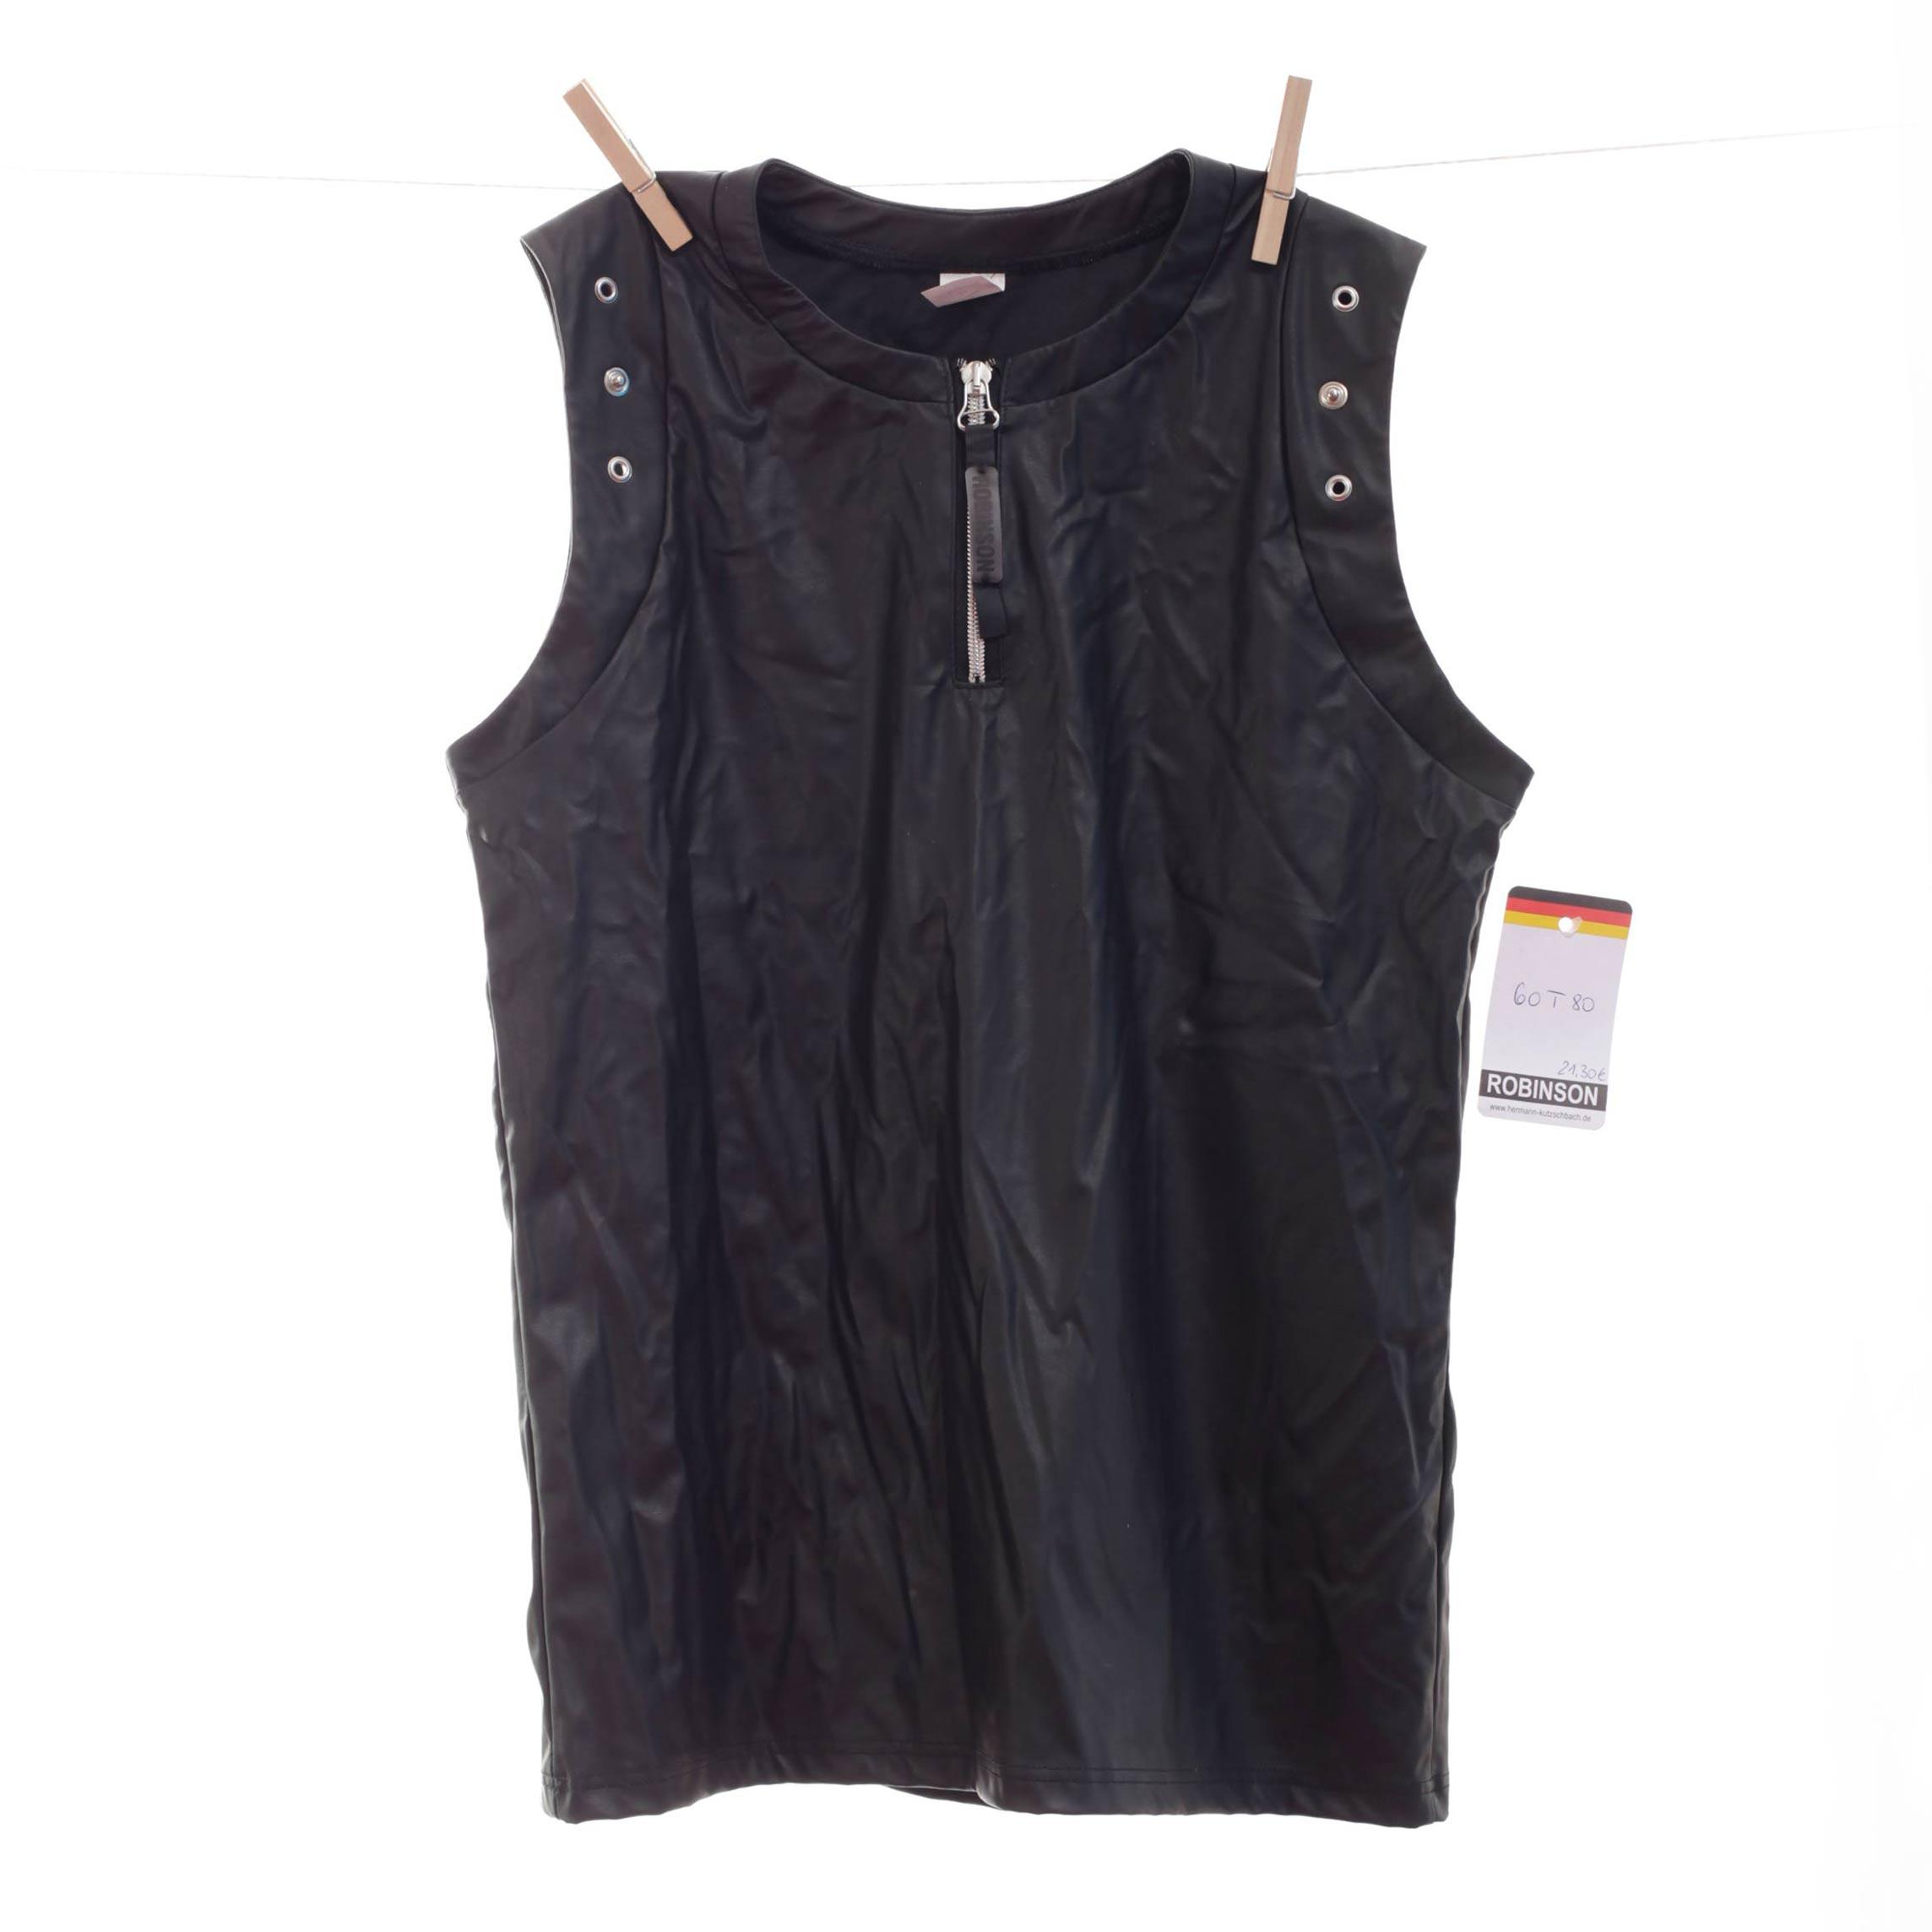 Dieses edle Leatherlike Shirt mit Ösen und Reißverschluss ist ein Only for Me Produkt. Das heißt, es gibt dieses Shirt online nur bei uns – in begrenzter Stückzahl! Also schnell zugreifen. Größen Erhältlich in Größe M Materialzusammensetzung festes Leatherlike: 40% Polyester | 60% Polyurethan Besonderheiten Onlyforme-Produkt…